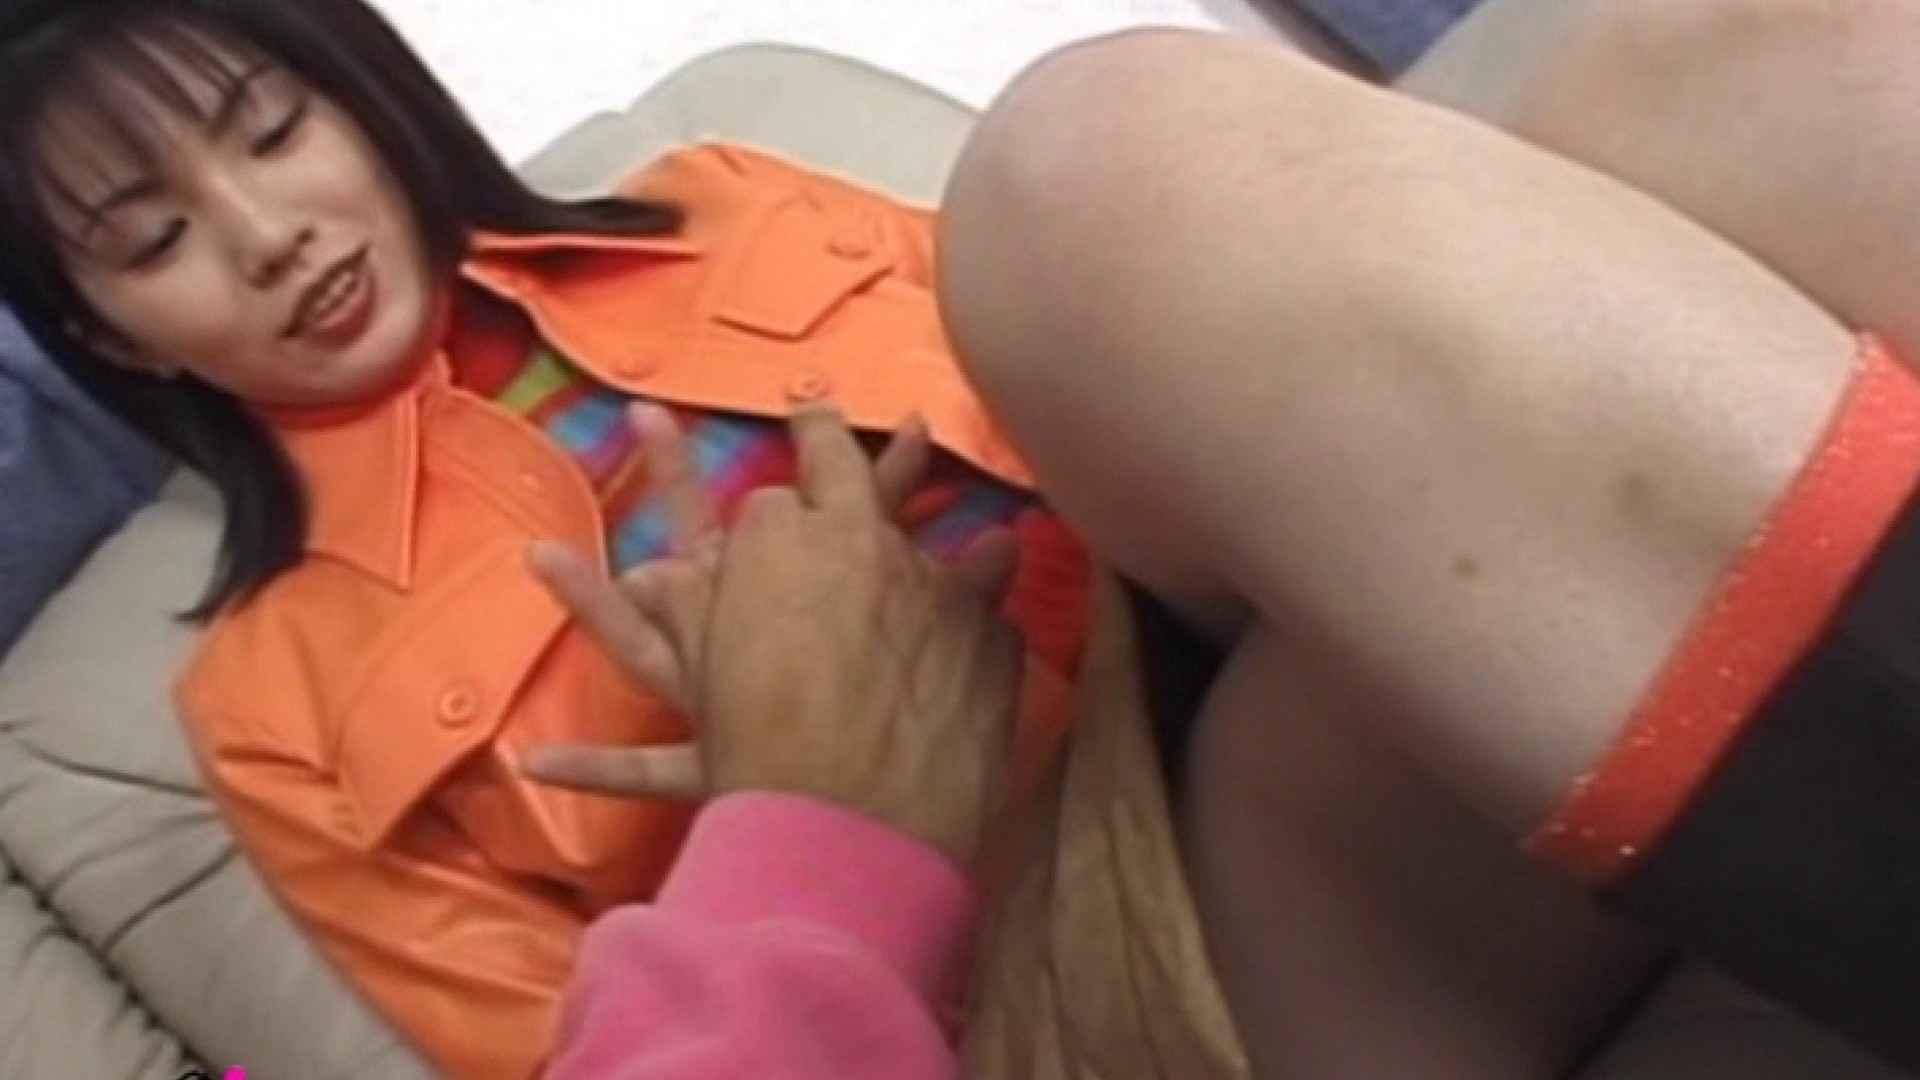 おしえてギャル子のH塾 Vol.42前編 ギャルのエロ動画 ワレメ無修正動画無料 84pic 11